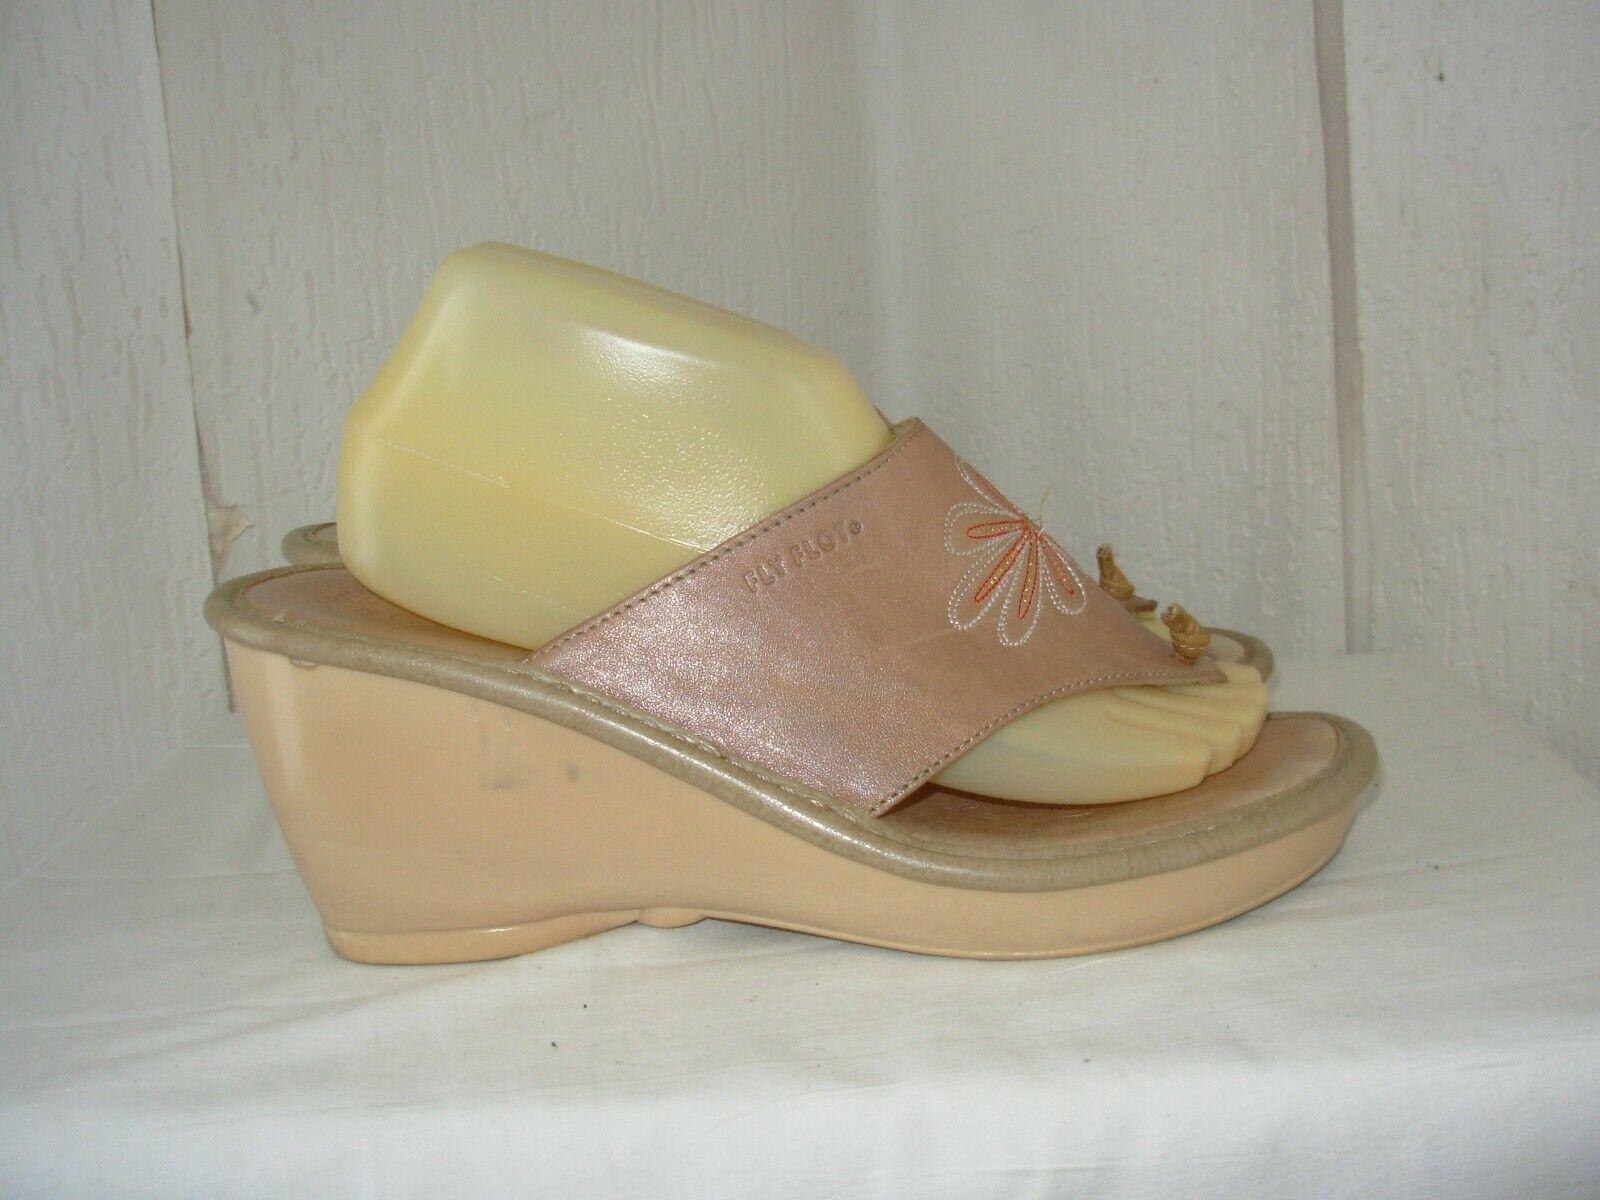 Fly flot tongs / sandales compensées cuir beige p.40 confortables